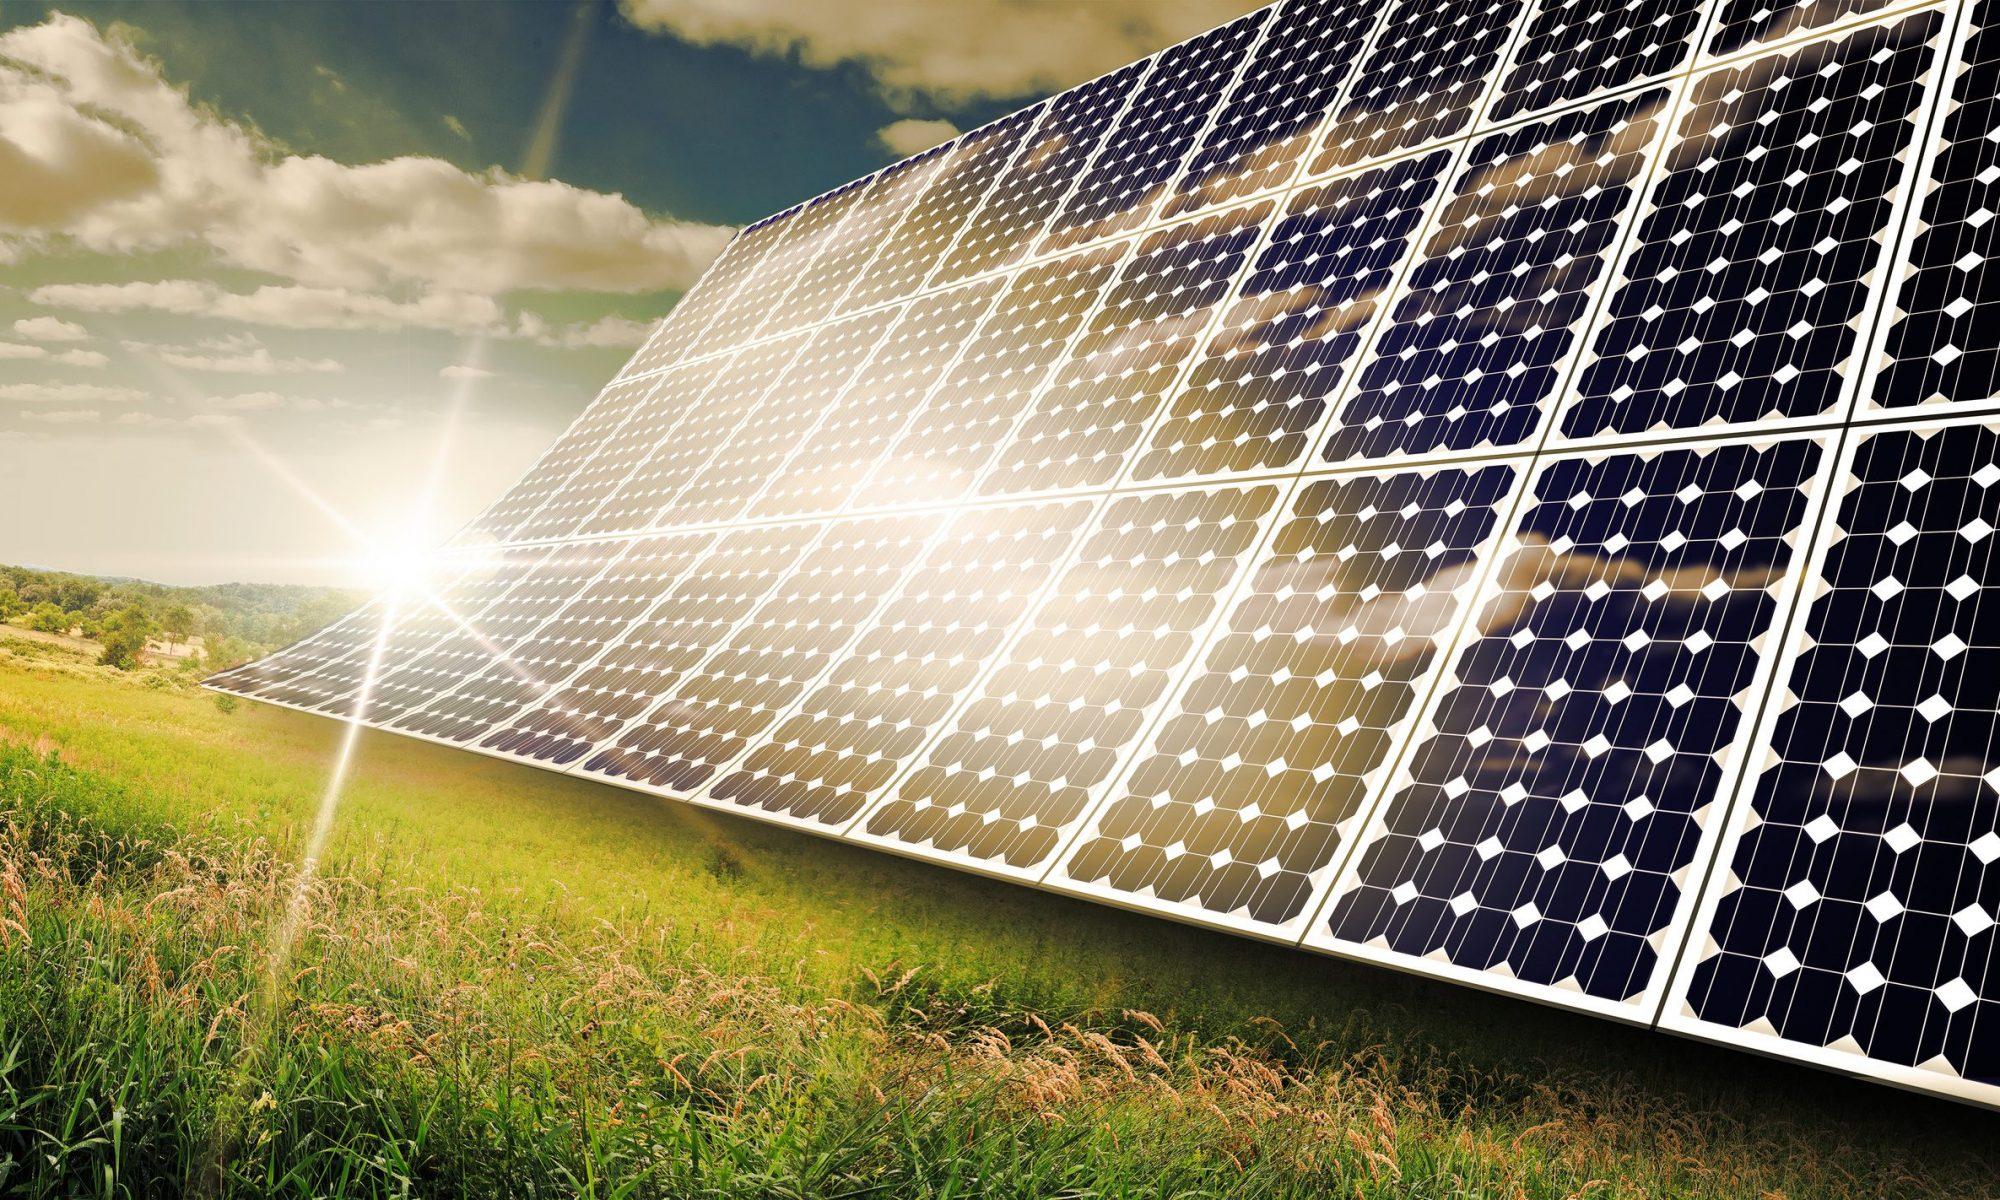 Photovoltaik-Solarwand in der Abendsonne (Bildquelle: © Ezume Images - Fotolia)